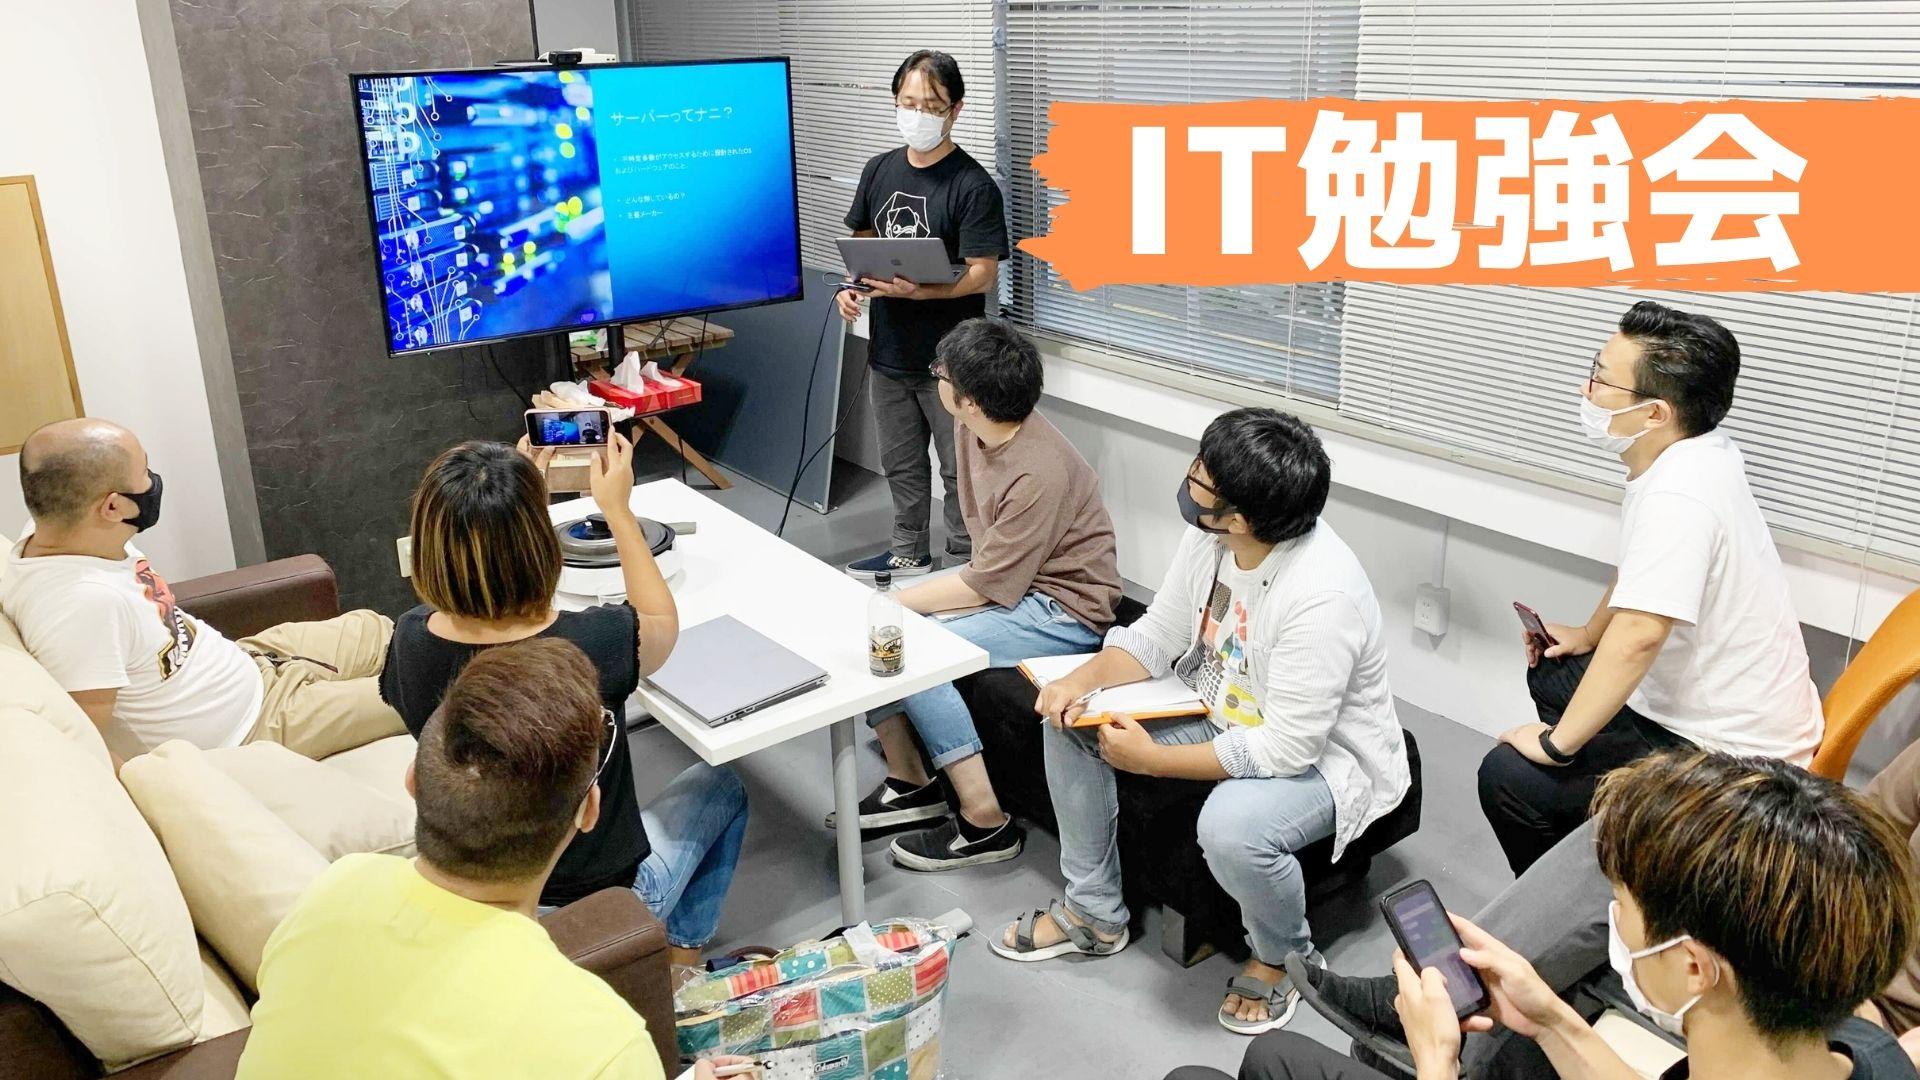 入居企業25社のシェアオフィスで『IT勉強会』を開催しています。